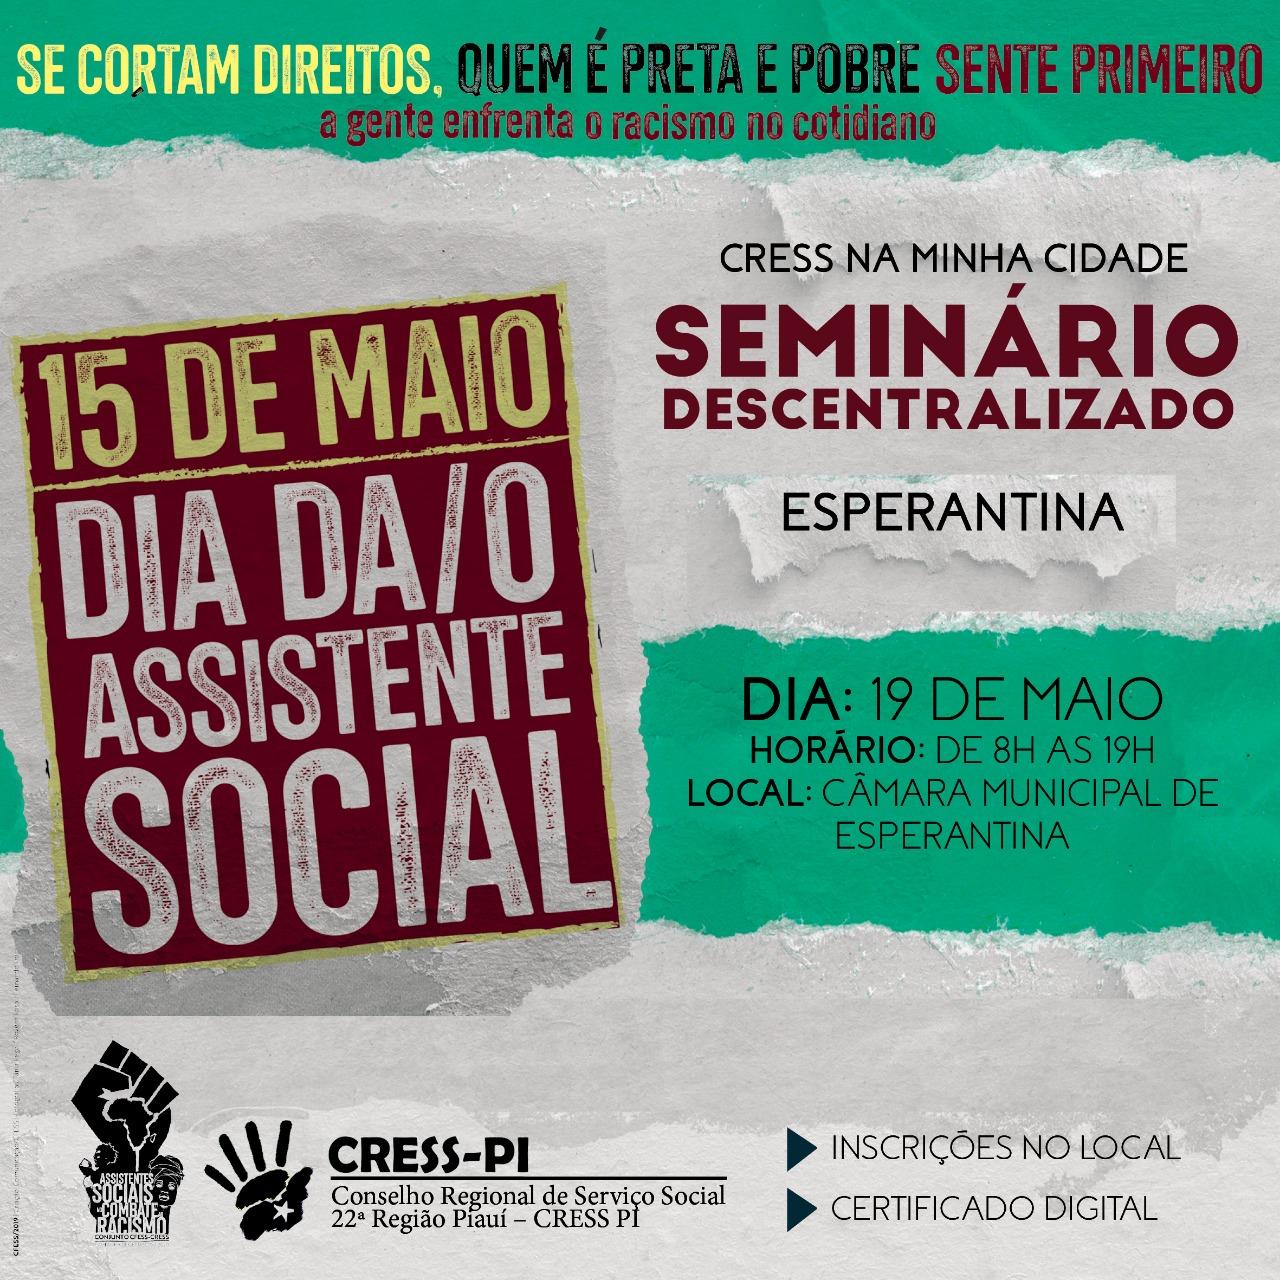 Conselho Regional de Serviço Social vai realizar Seminário em Esperantina